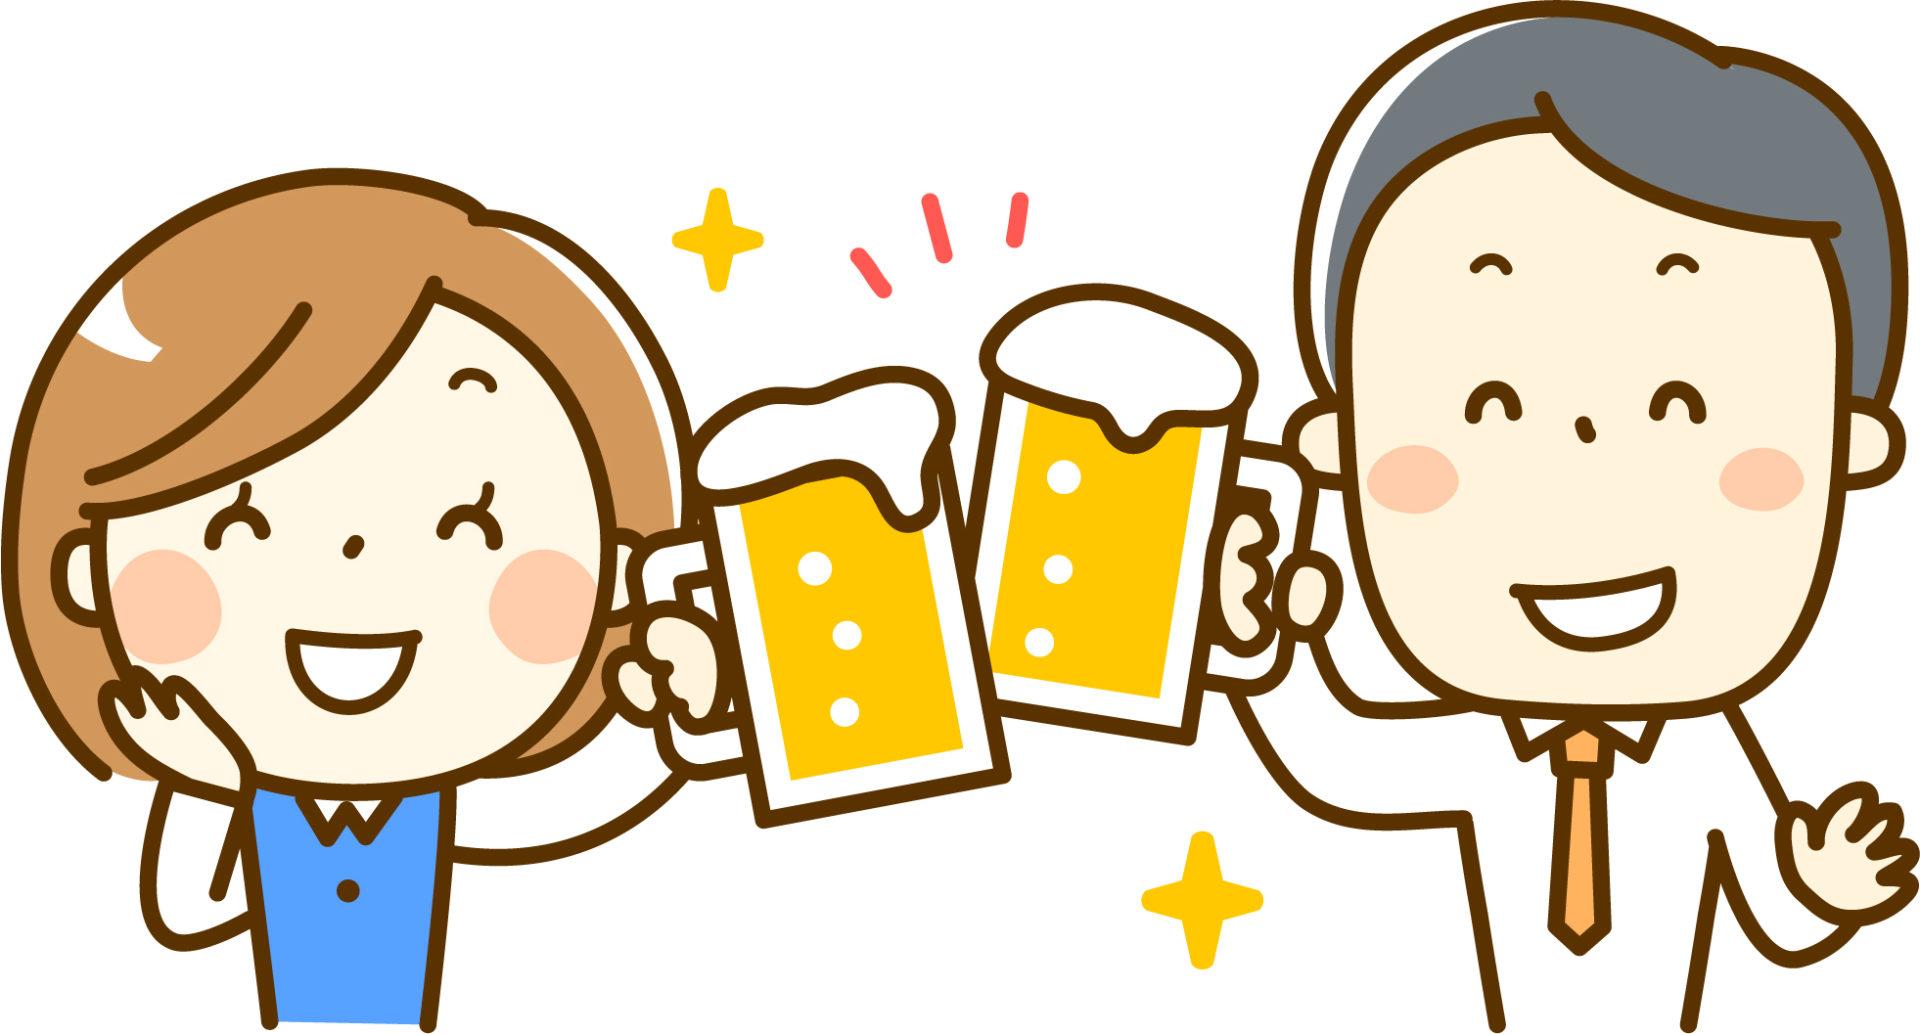 男性と女性がお酒を乾杯しているイラスト